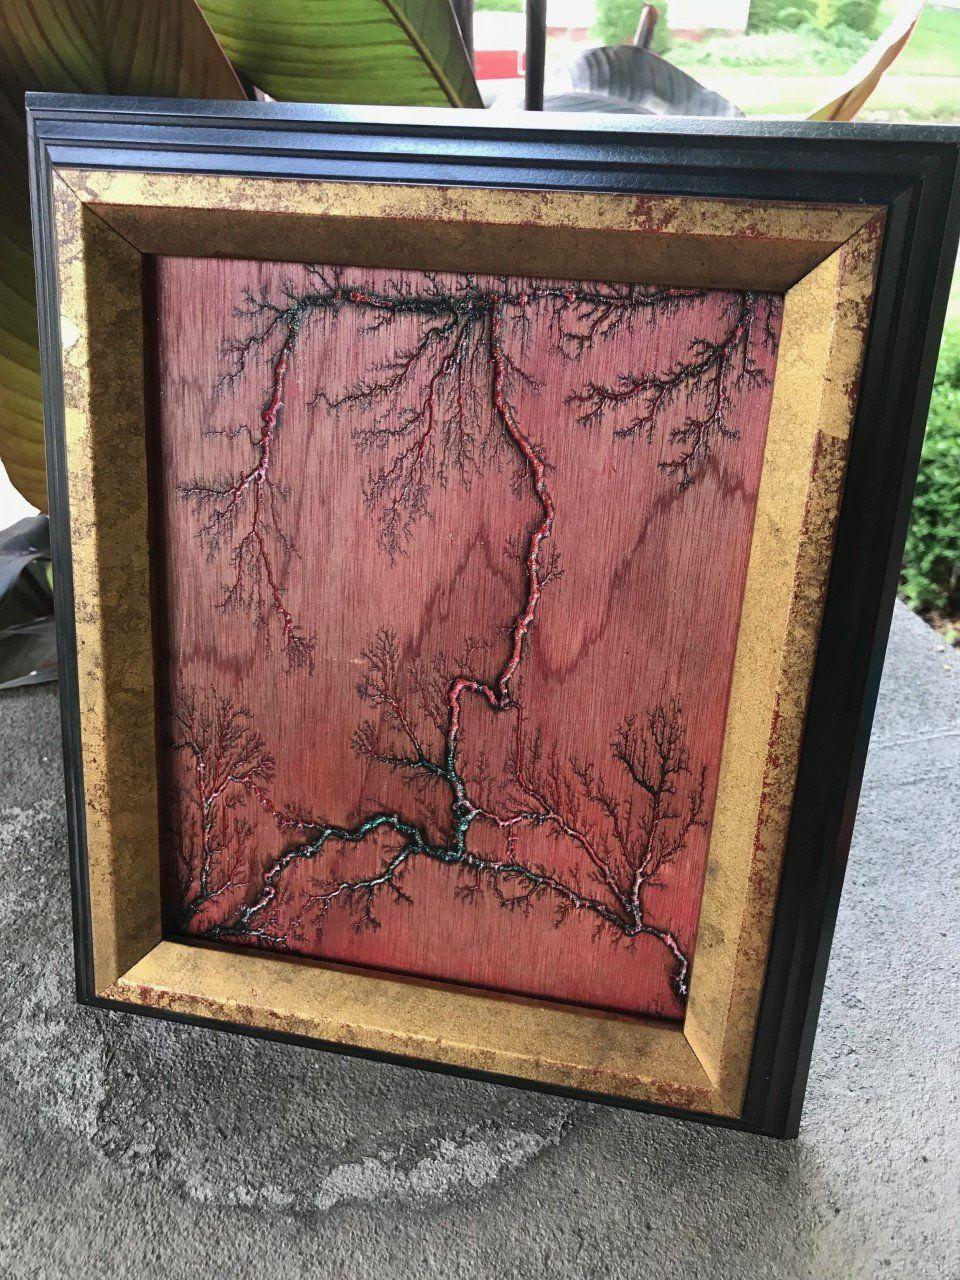 Framed Lichtenberg Wood Burning With Acrylic Inlay Pyrography Art Wood Art Wood Burning